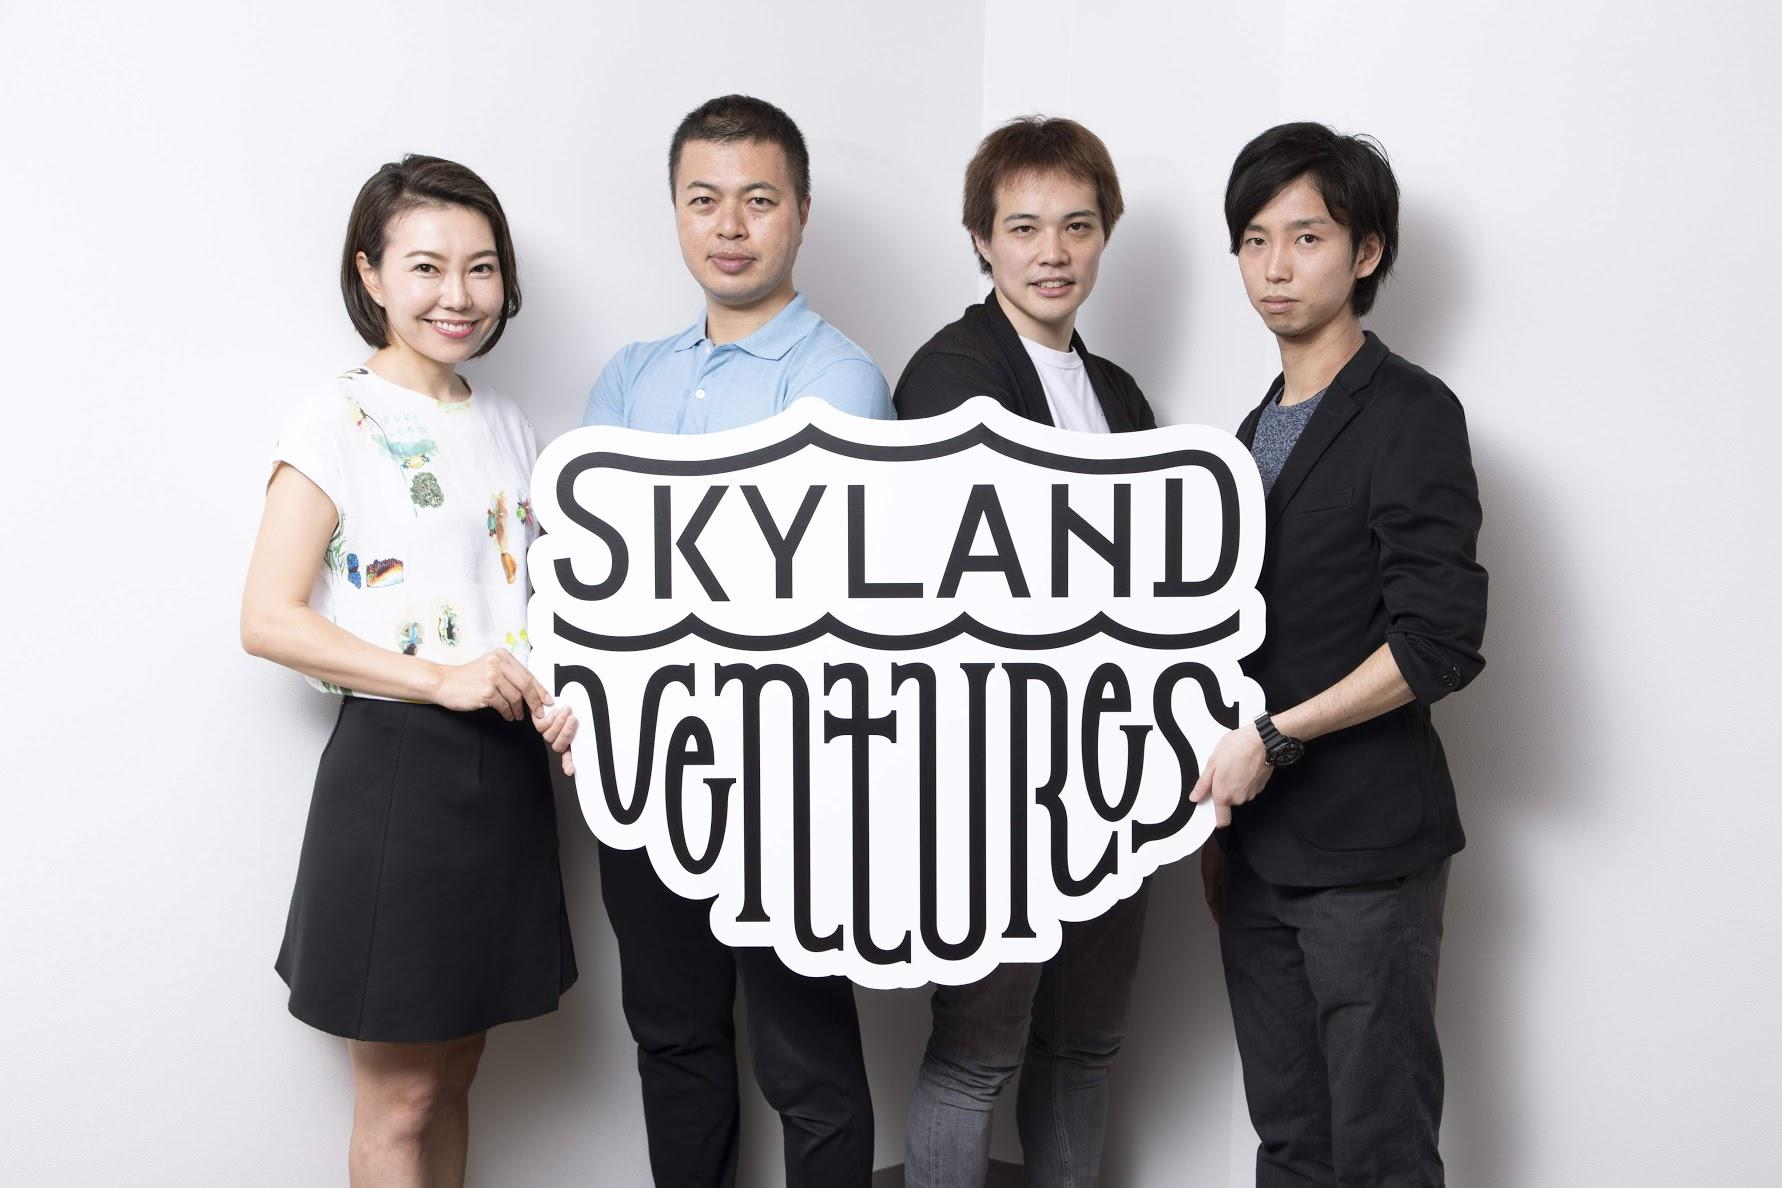 Skyland Ventures | 共同投資を行う「SVコインベスタープログラム」を開始